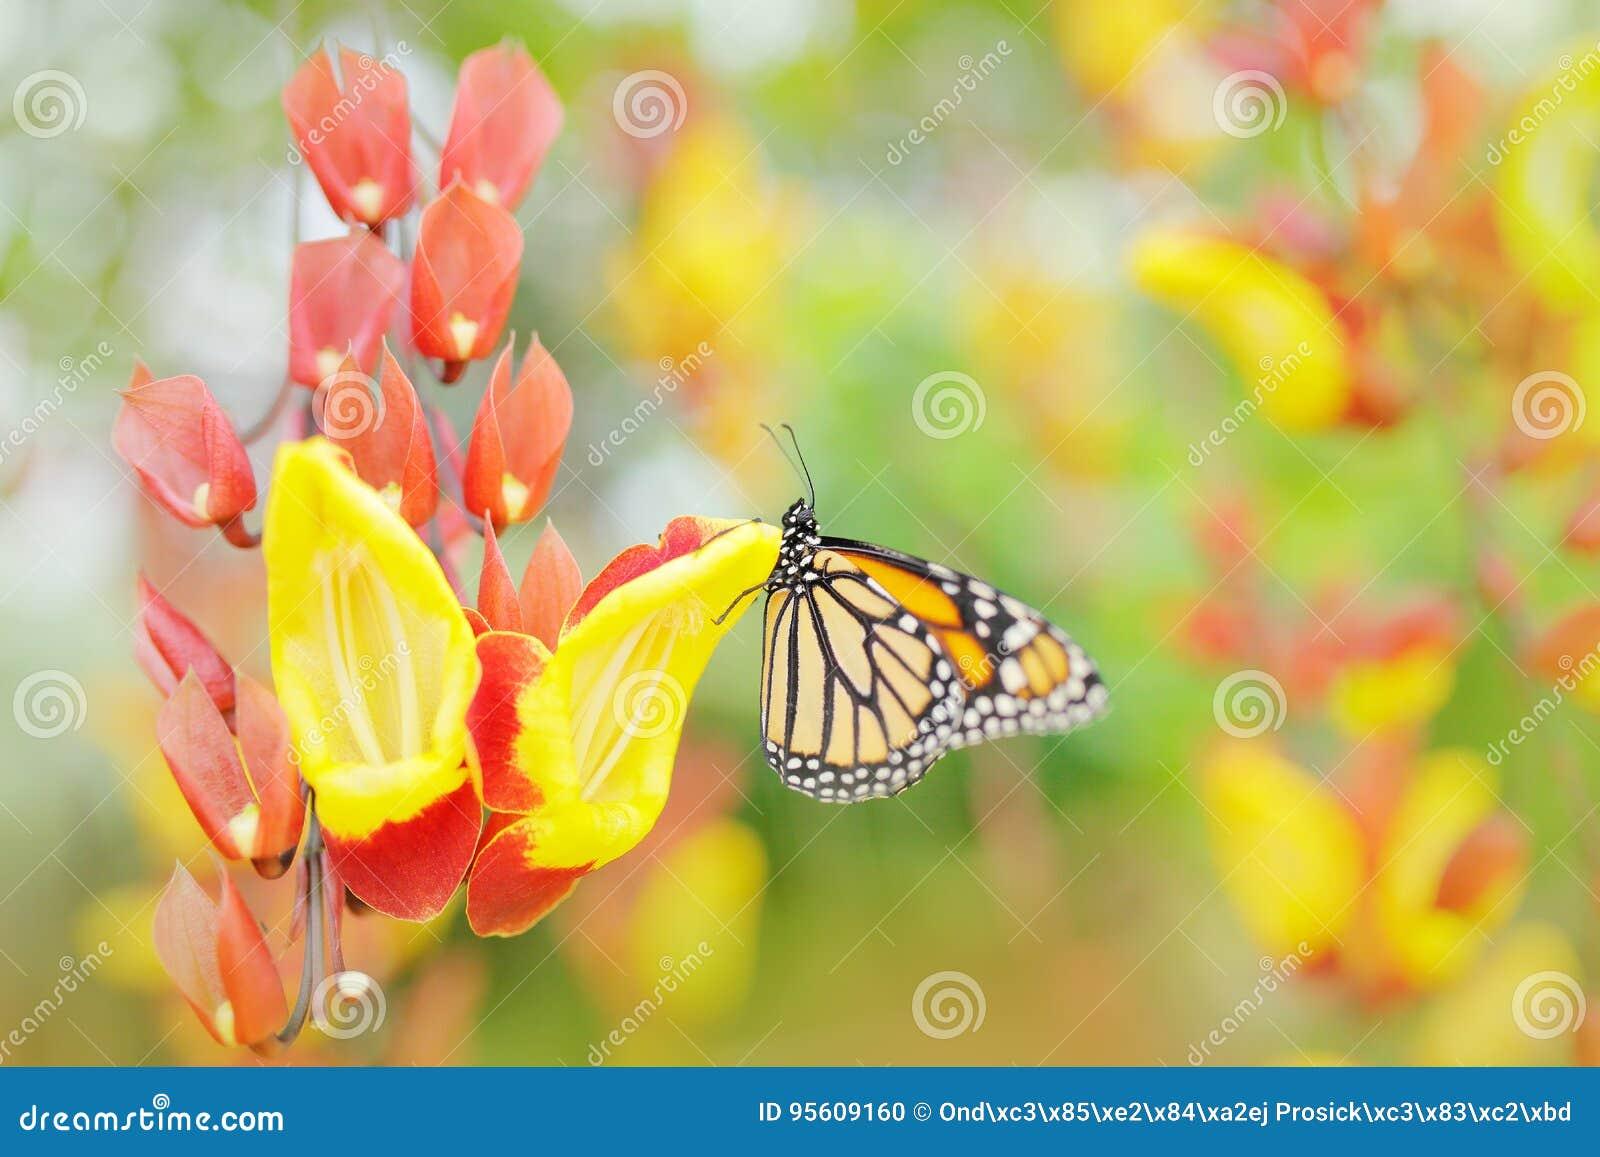 Papillon en fleurs oranges Monarque, plexippus de Danaus, papillon dans l habitat de nature Insecte gentil du Mexique Vue d art d